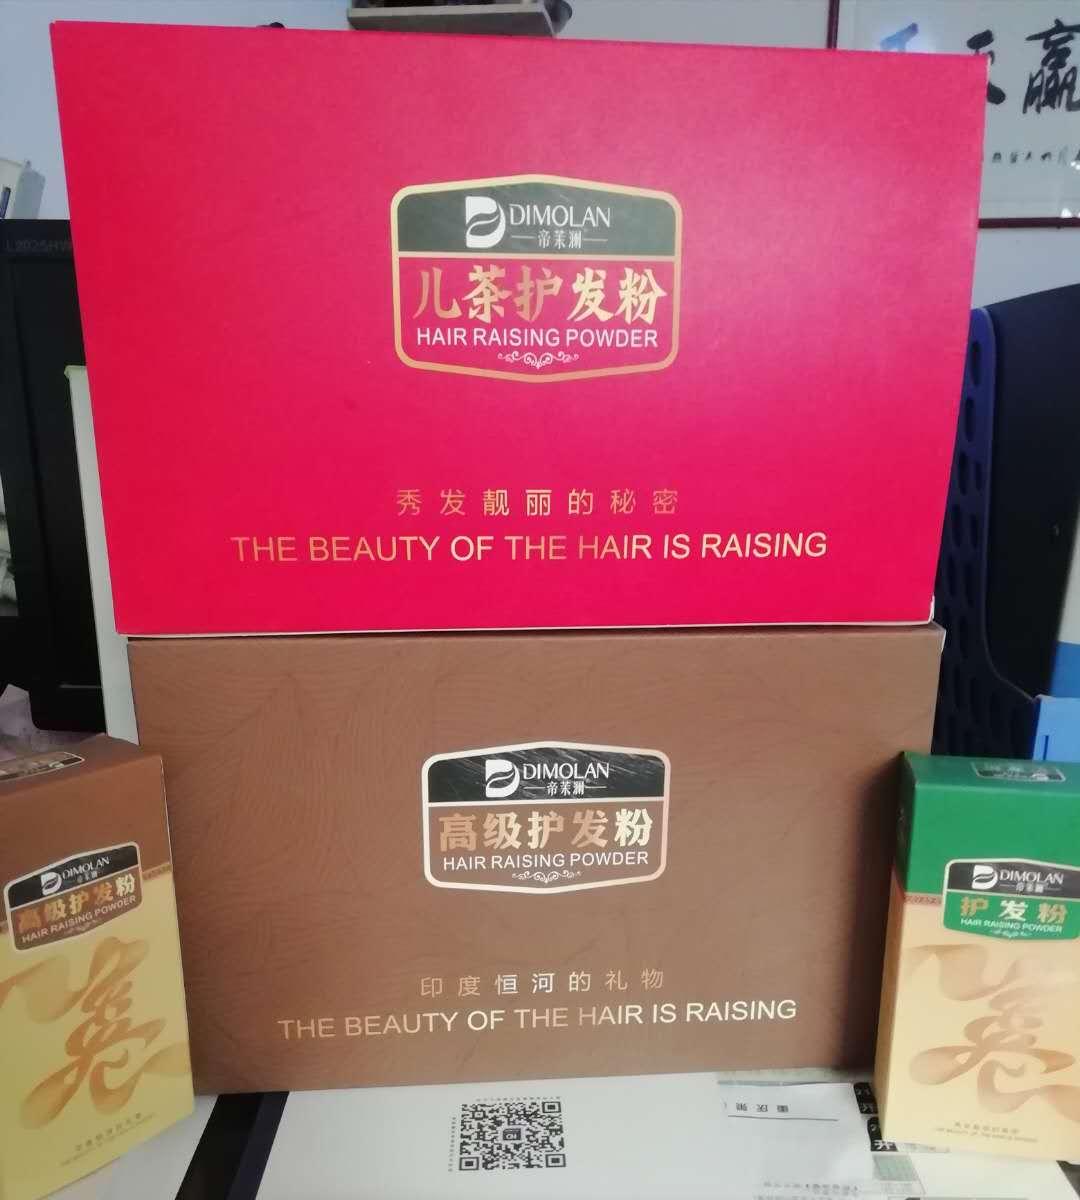 西安联惠包装有限公司